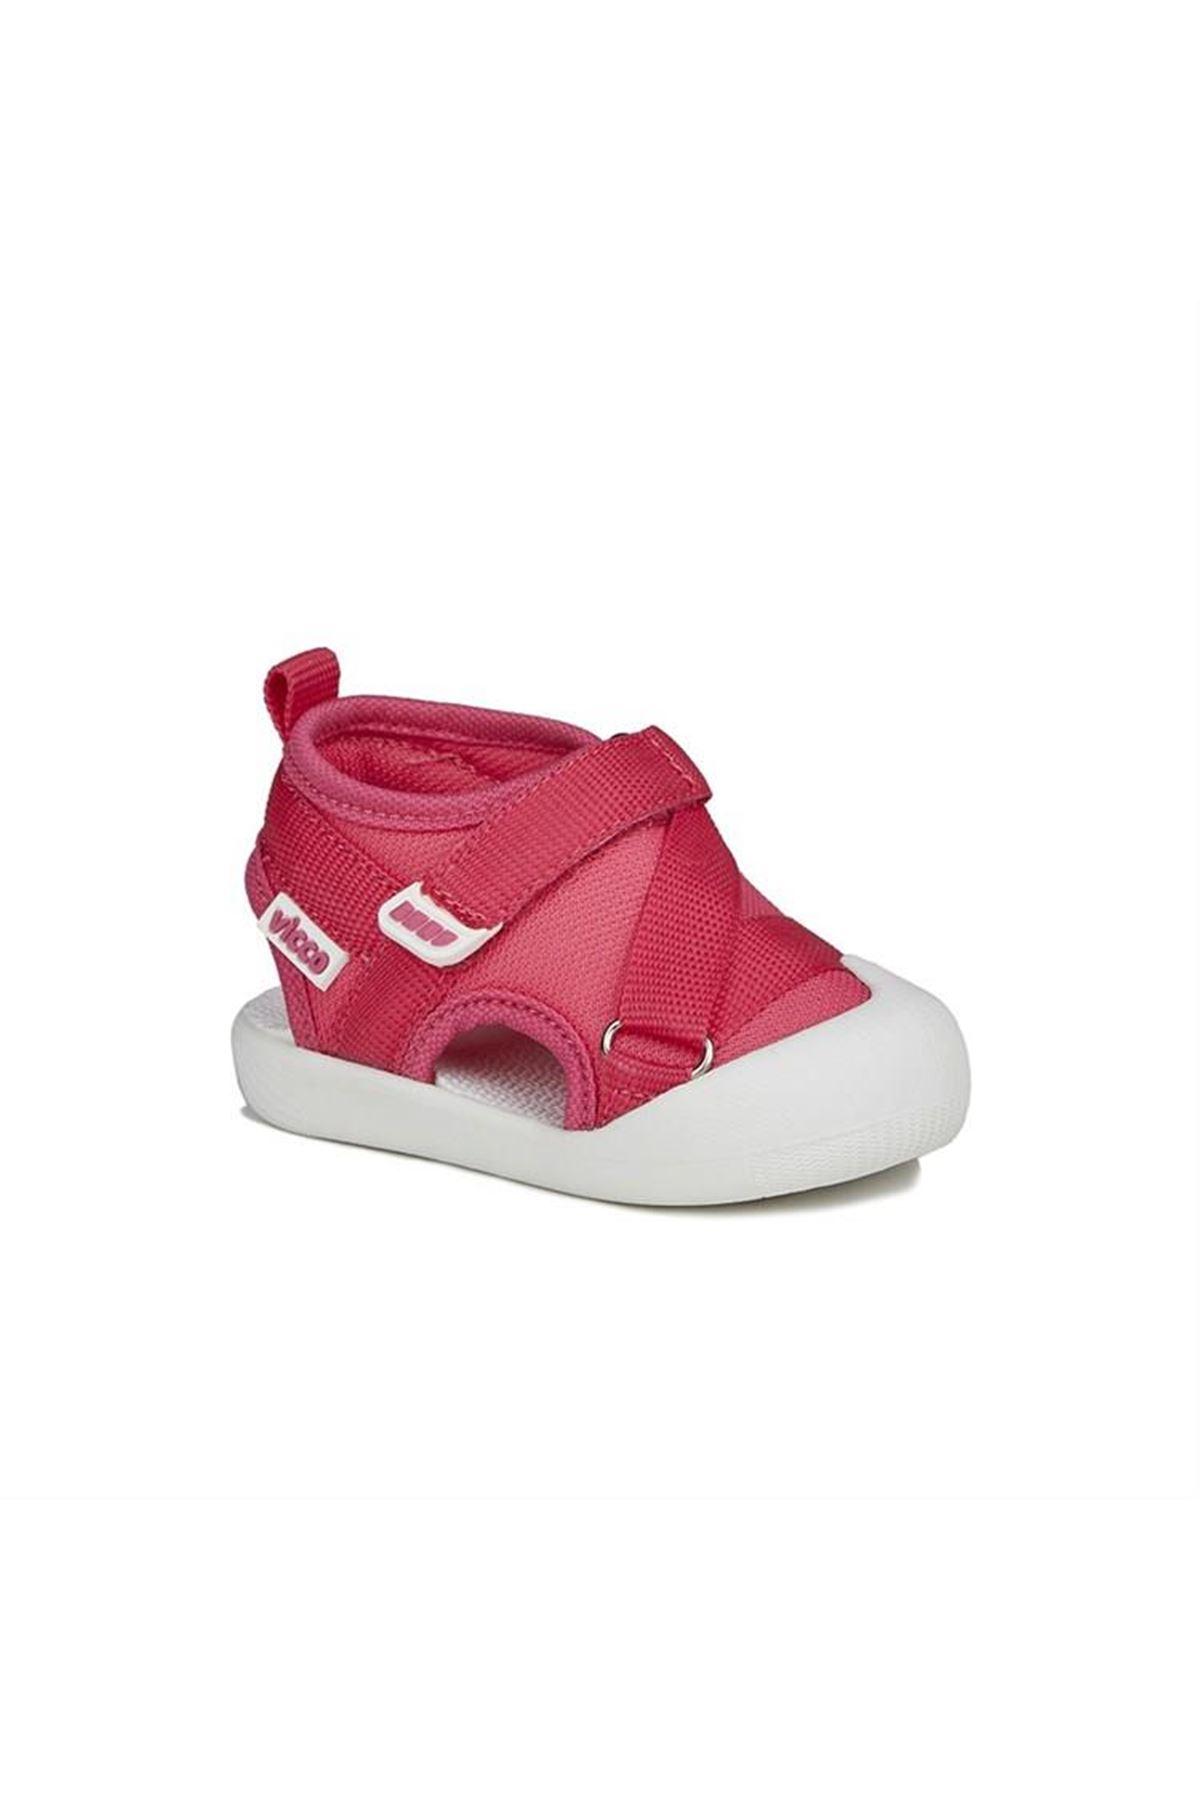 Vicco İlk Adım Deri Ayakkabı 950.E20Y.501 Fuşya